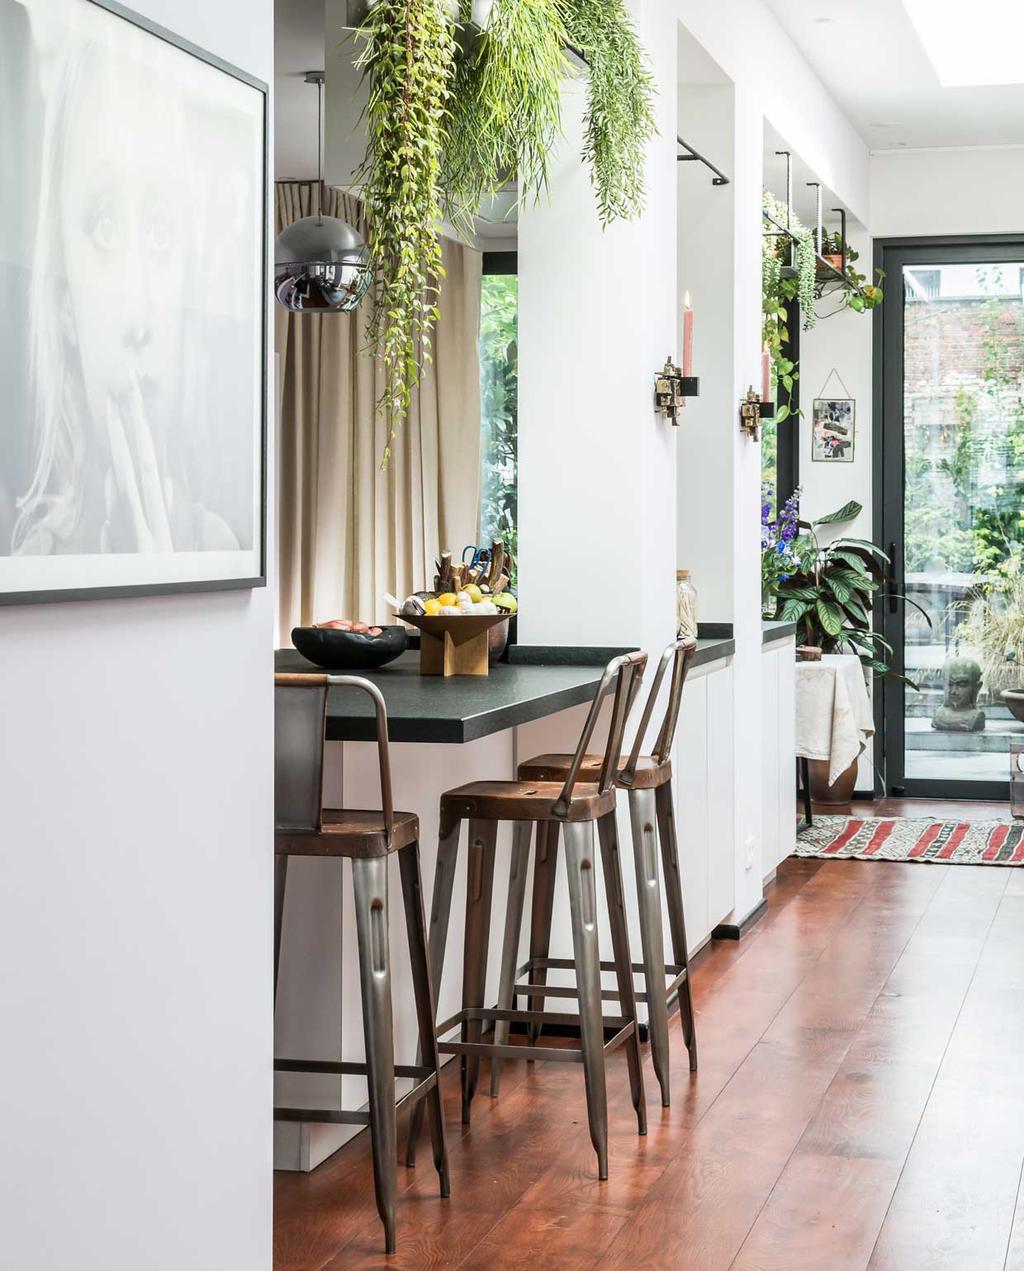 vtwonen 10-2020 | binnenkijken| kijkkamer | Antwerpen| kookeiland met barkrukken